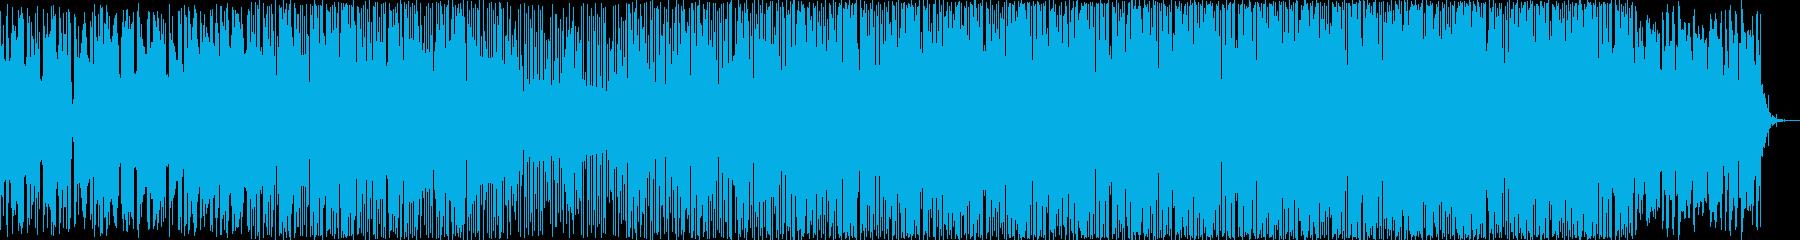 ワールドラテン楽器。さわやかなリラ...の再生済みの波形